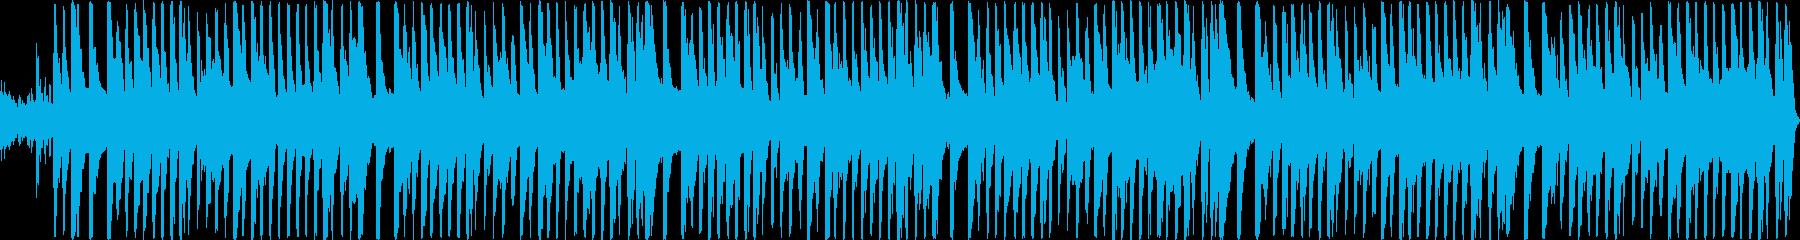 キャッチーな和楽器アレンジの再生済みの波形